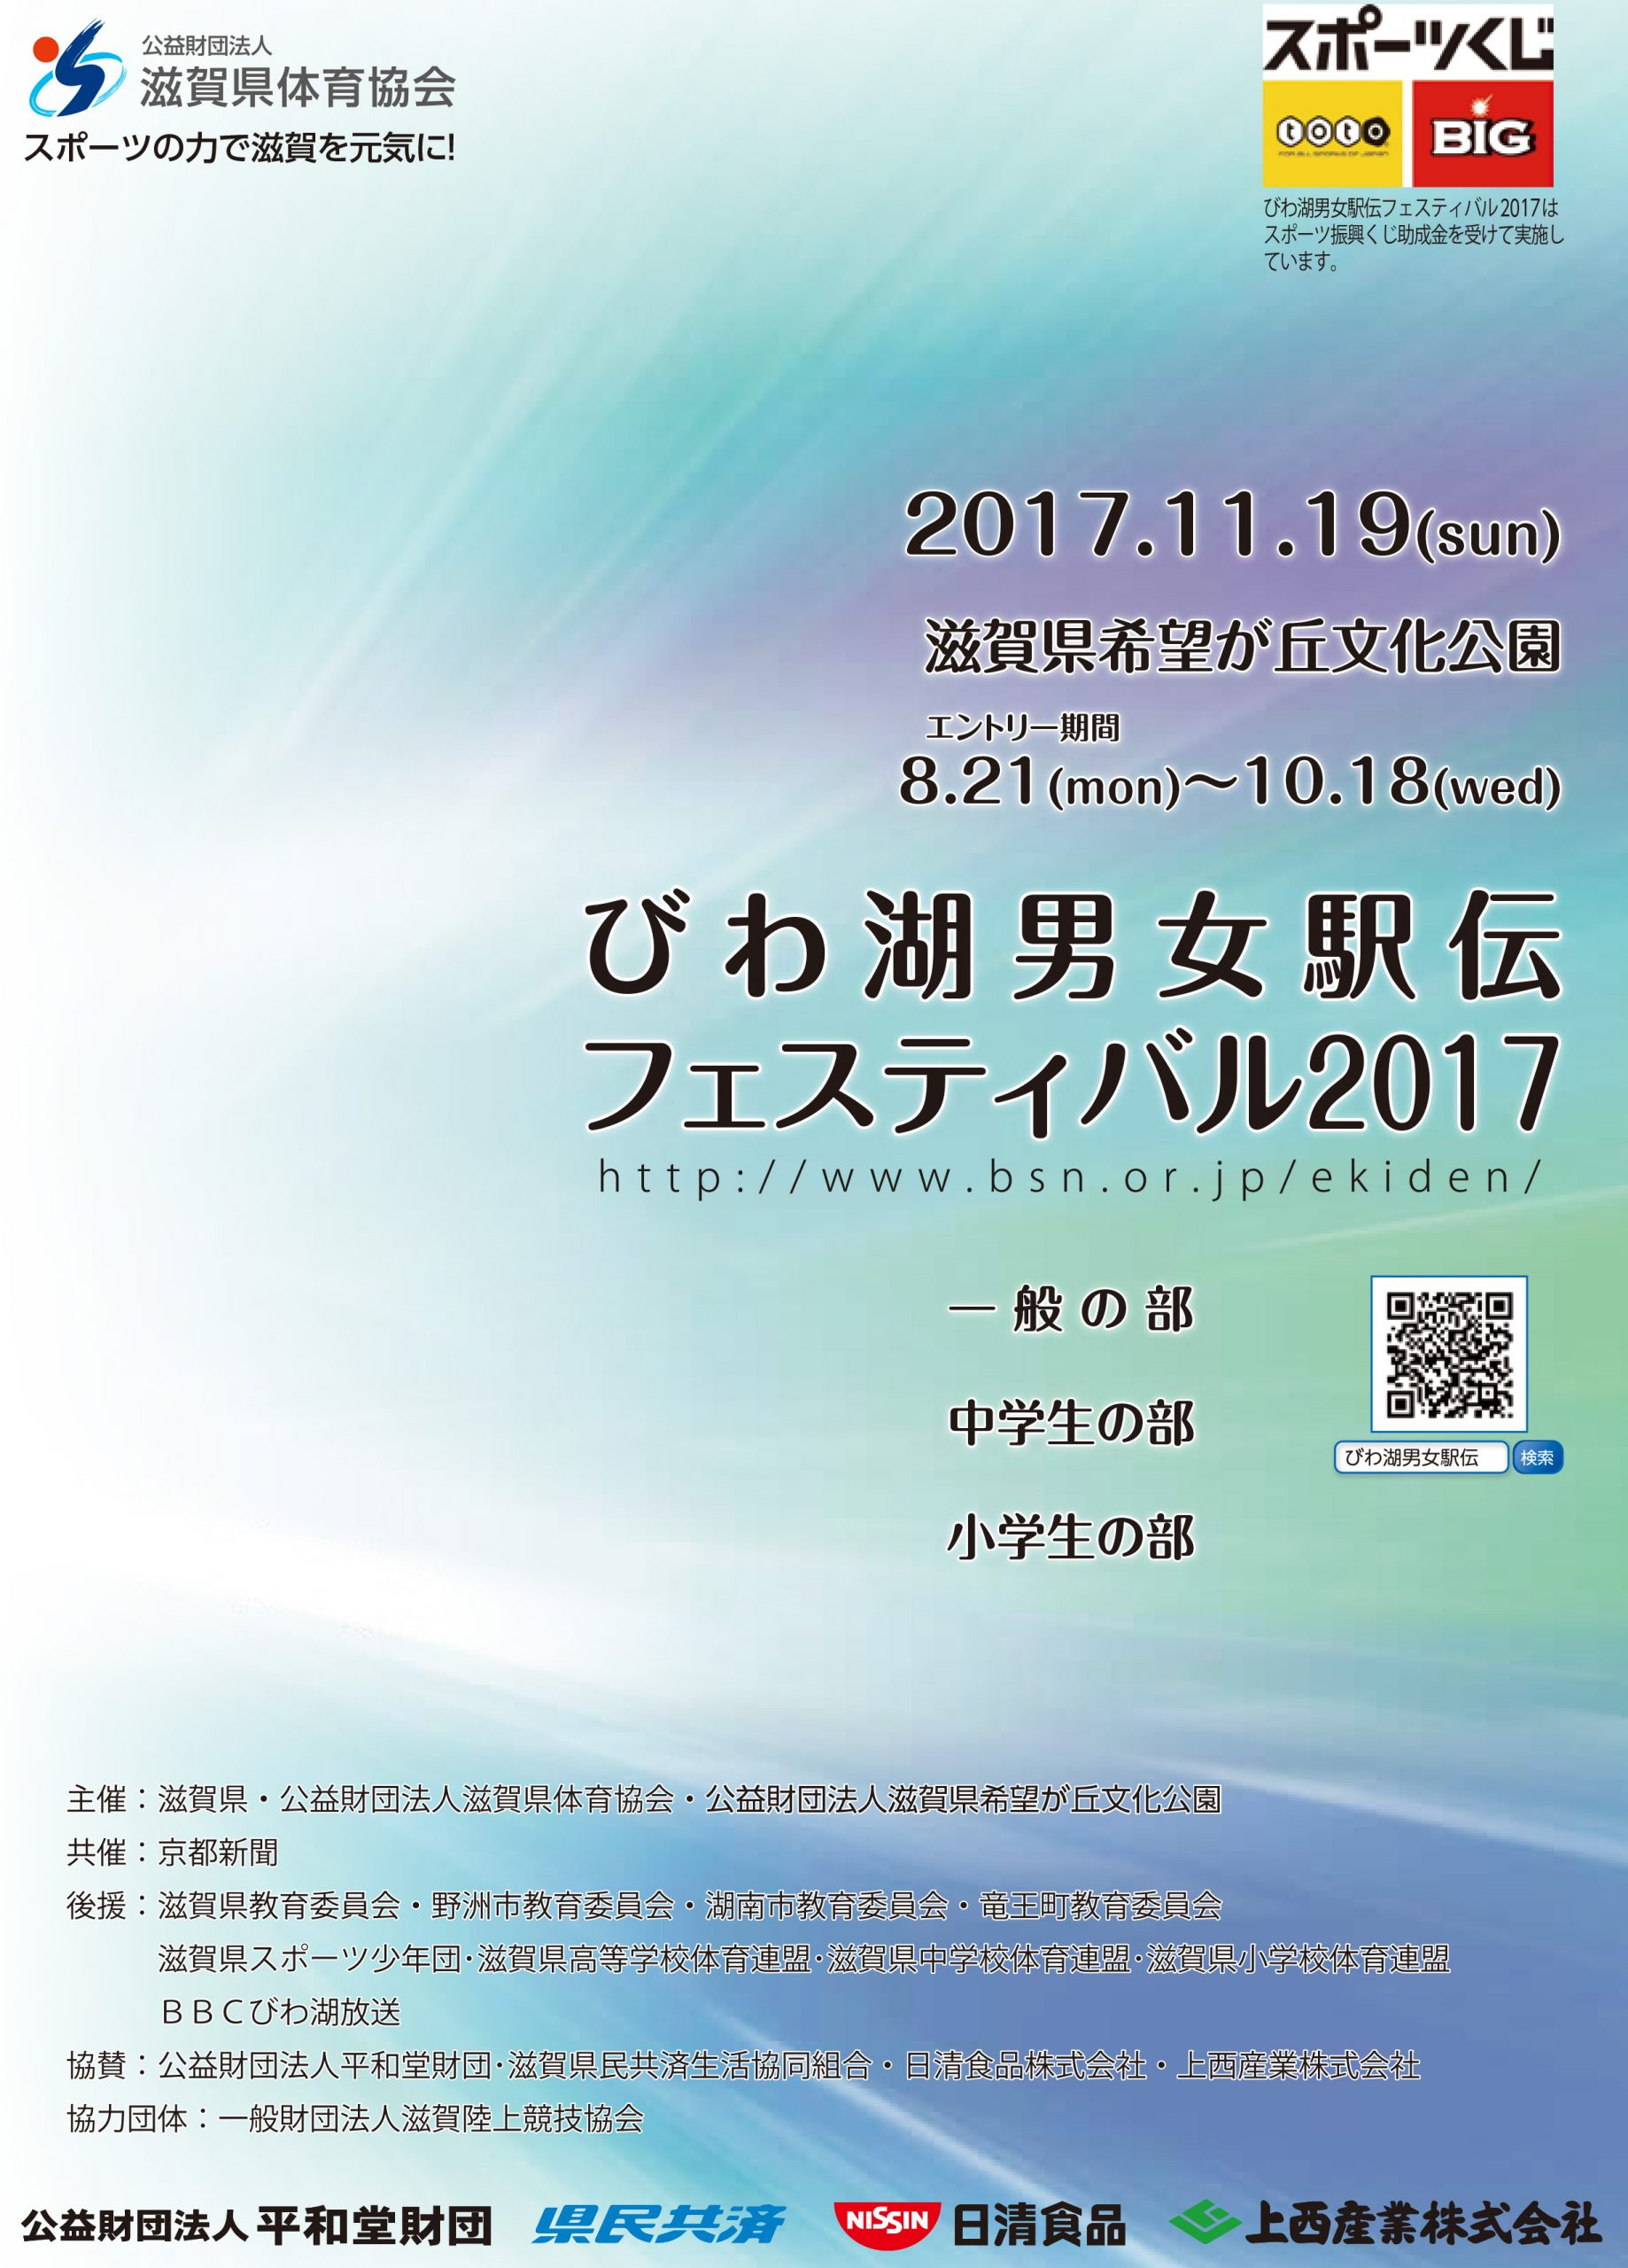 びわ湖男女駅伝フェスティバル2017大会結果